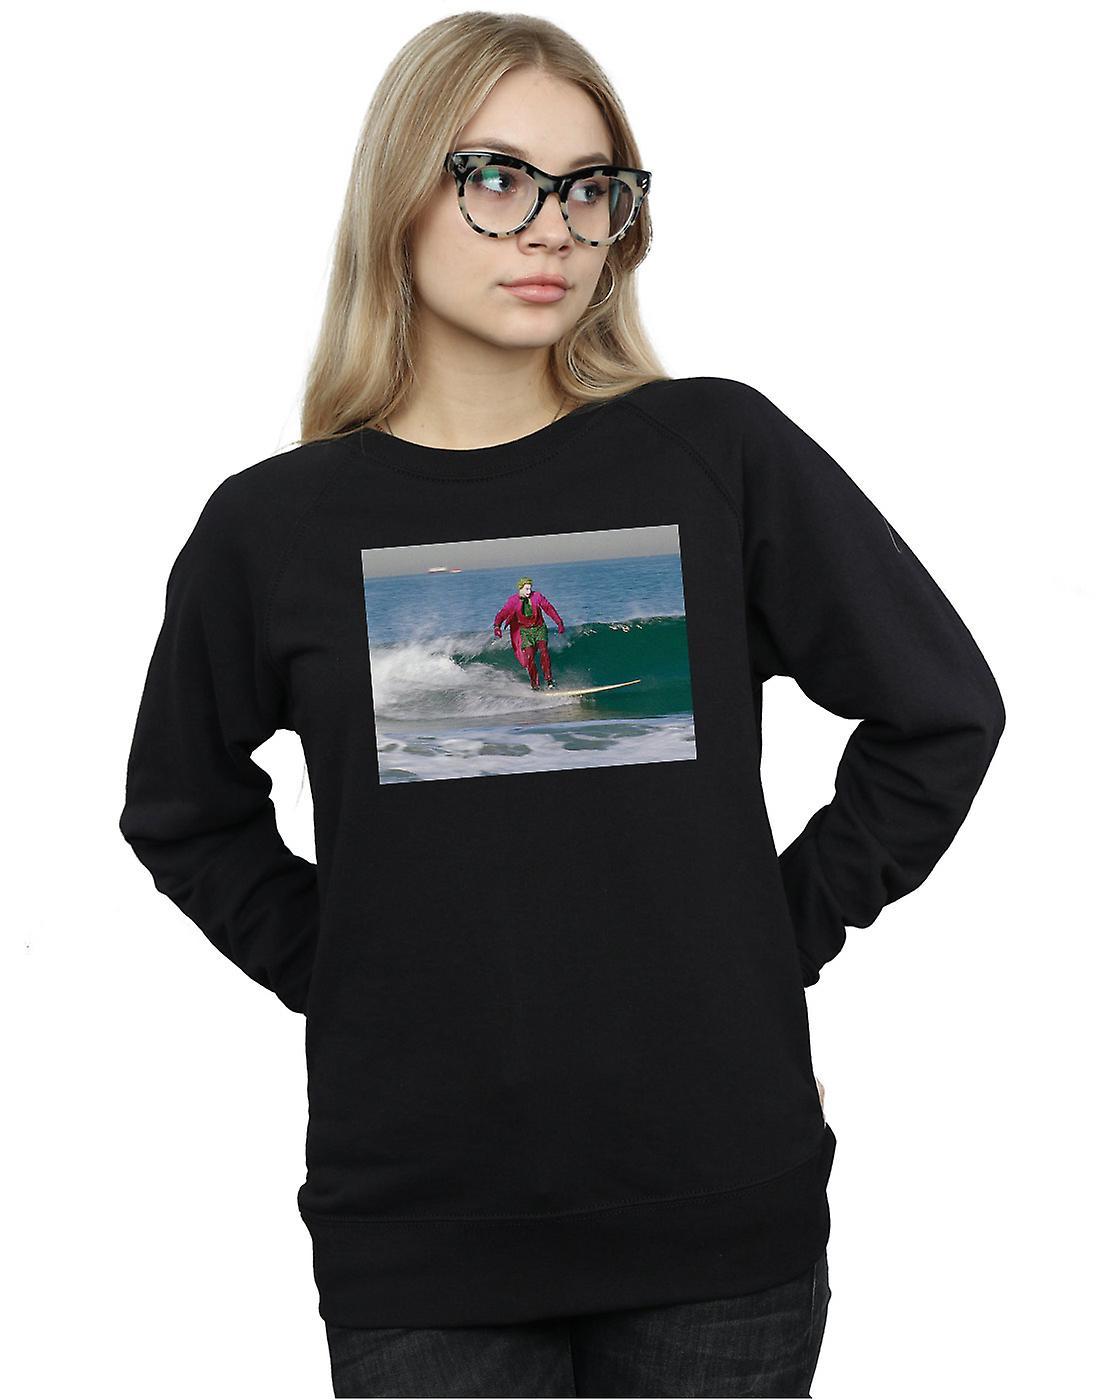 DC Comics Women's Batman TV Series Joker Surfing Sweatshirt